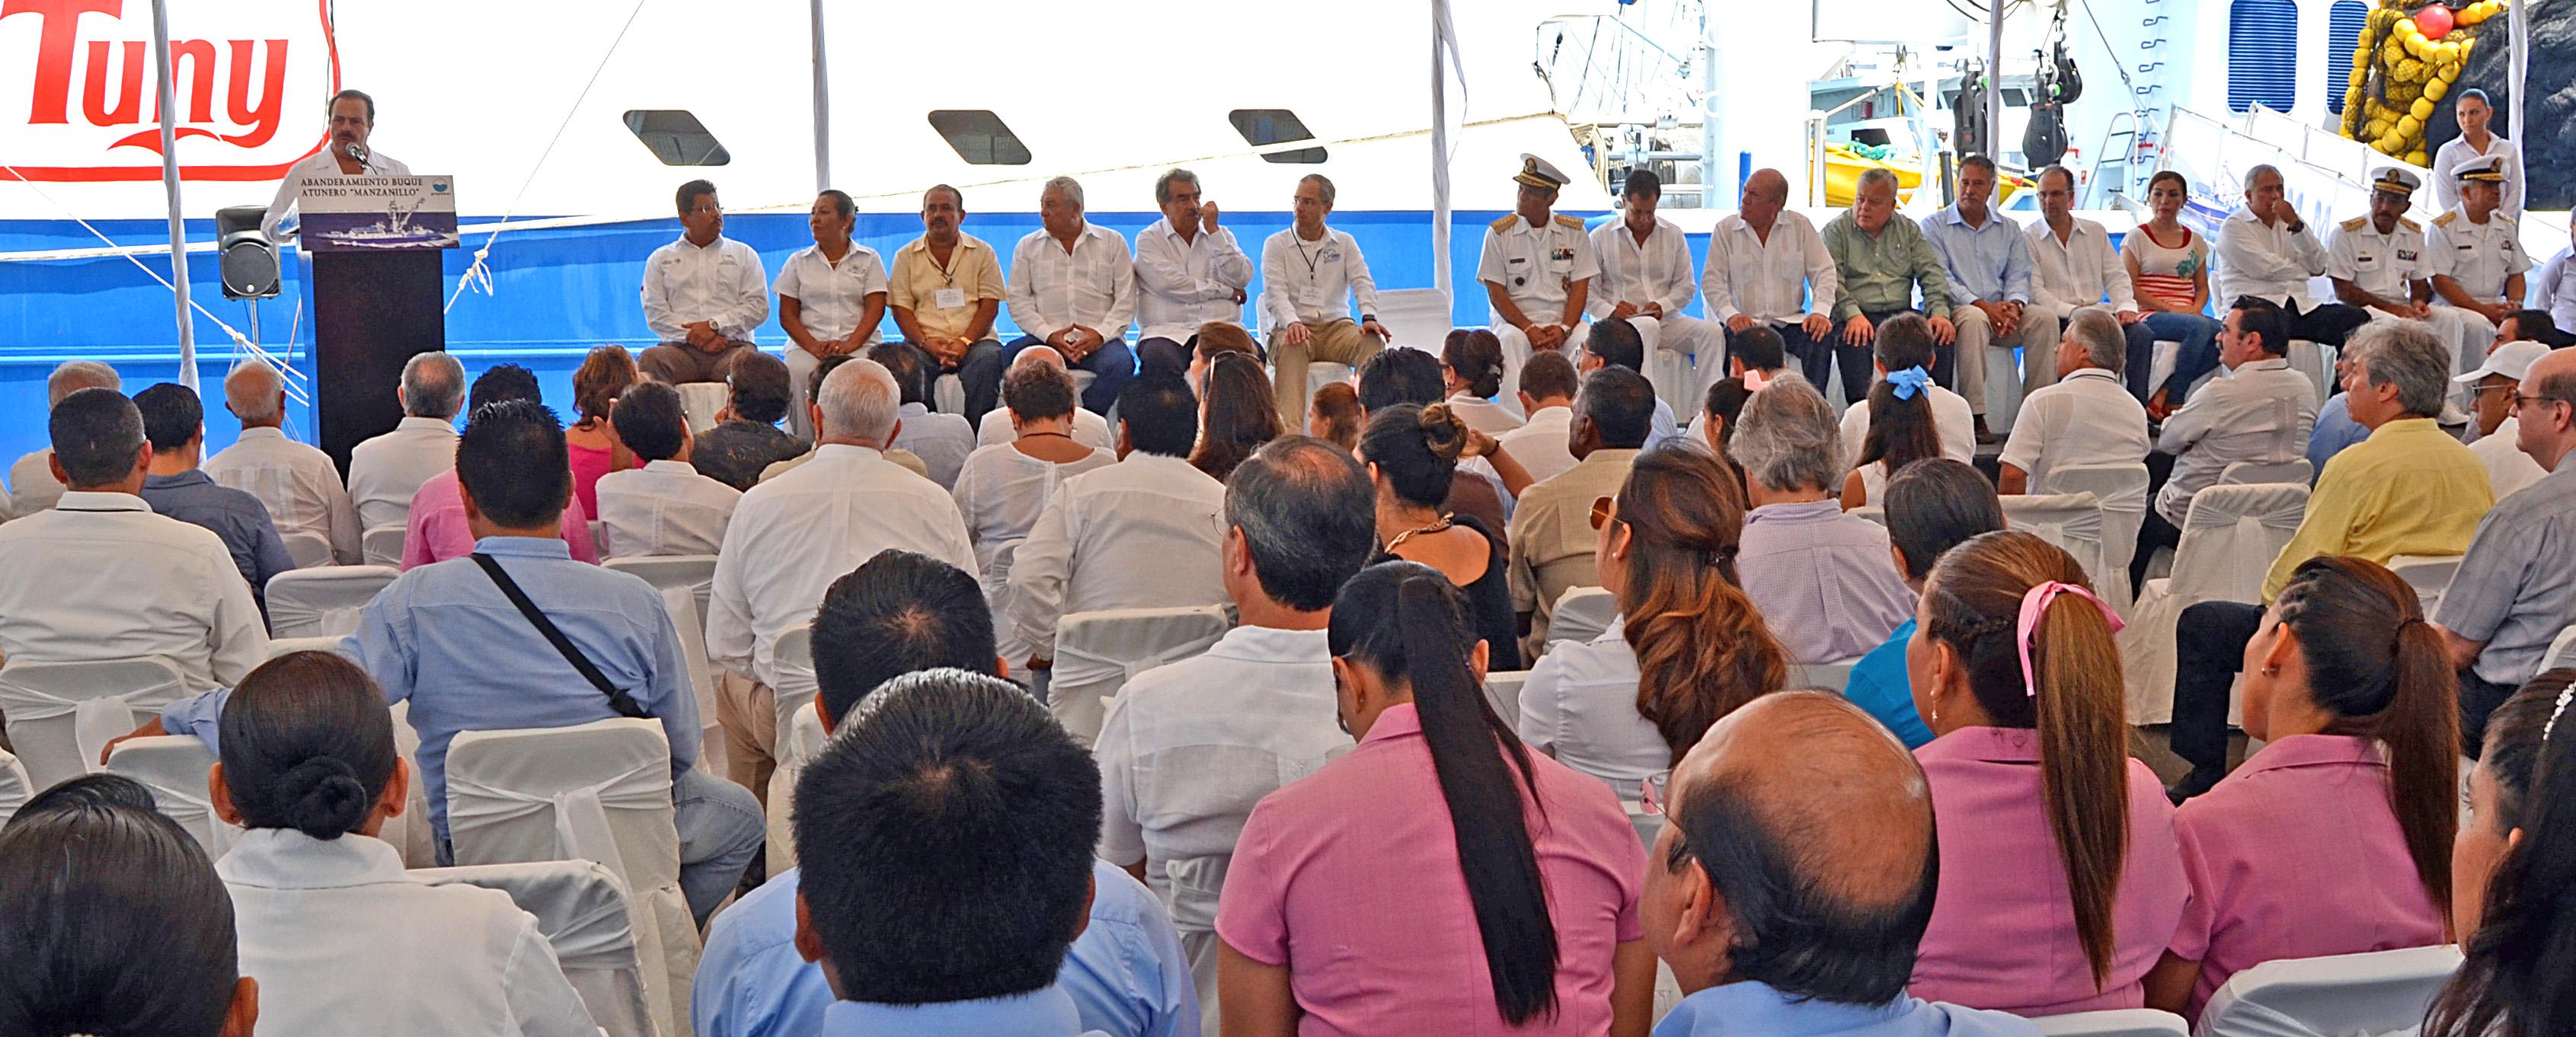 El Gobierno Federal establece en todo el territorio nacional, de manera coordinada con el sector productivo, una pesquería ordenada y sustentable, la cual ha quedado demostrada en foros internacionales.